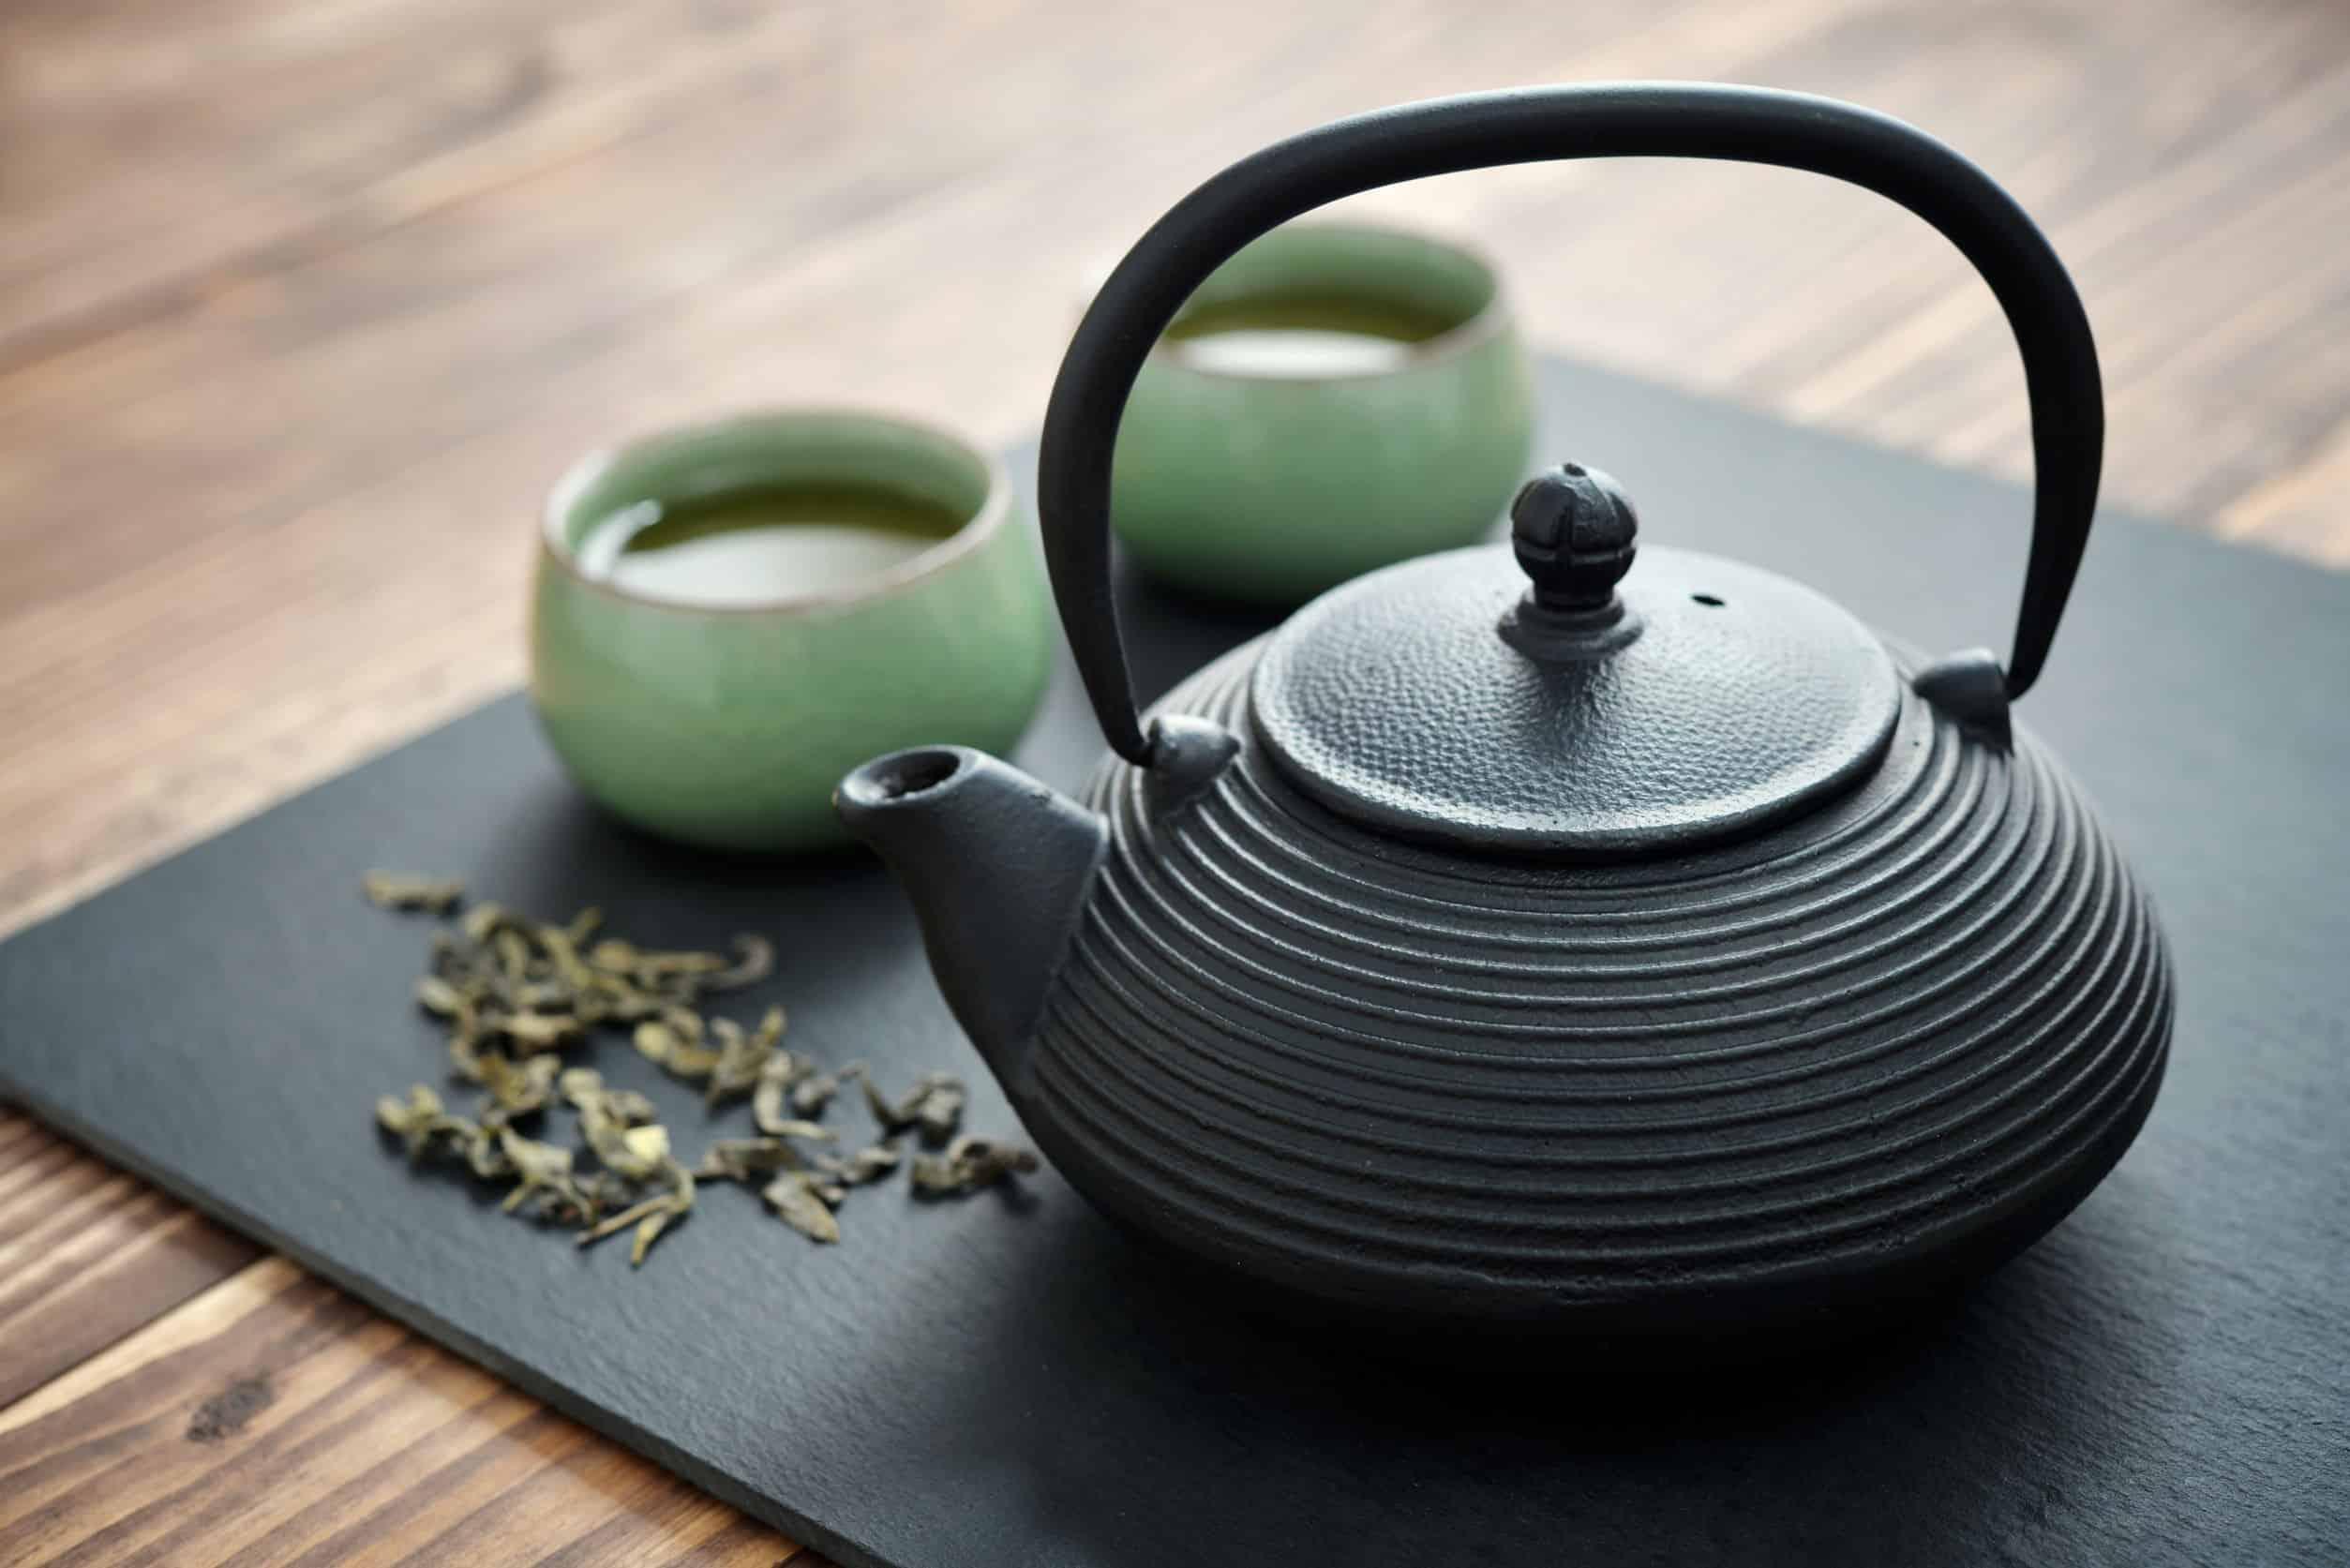 Teekanne Gusseisen: Test & Empfehlungen (10/20)